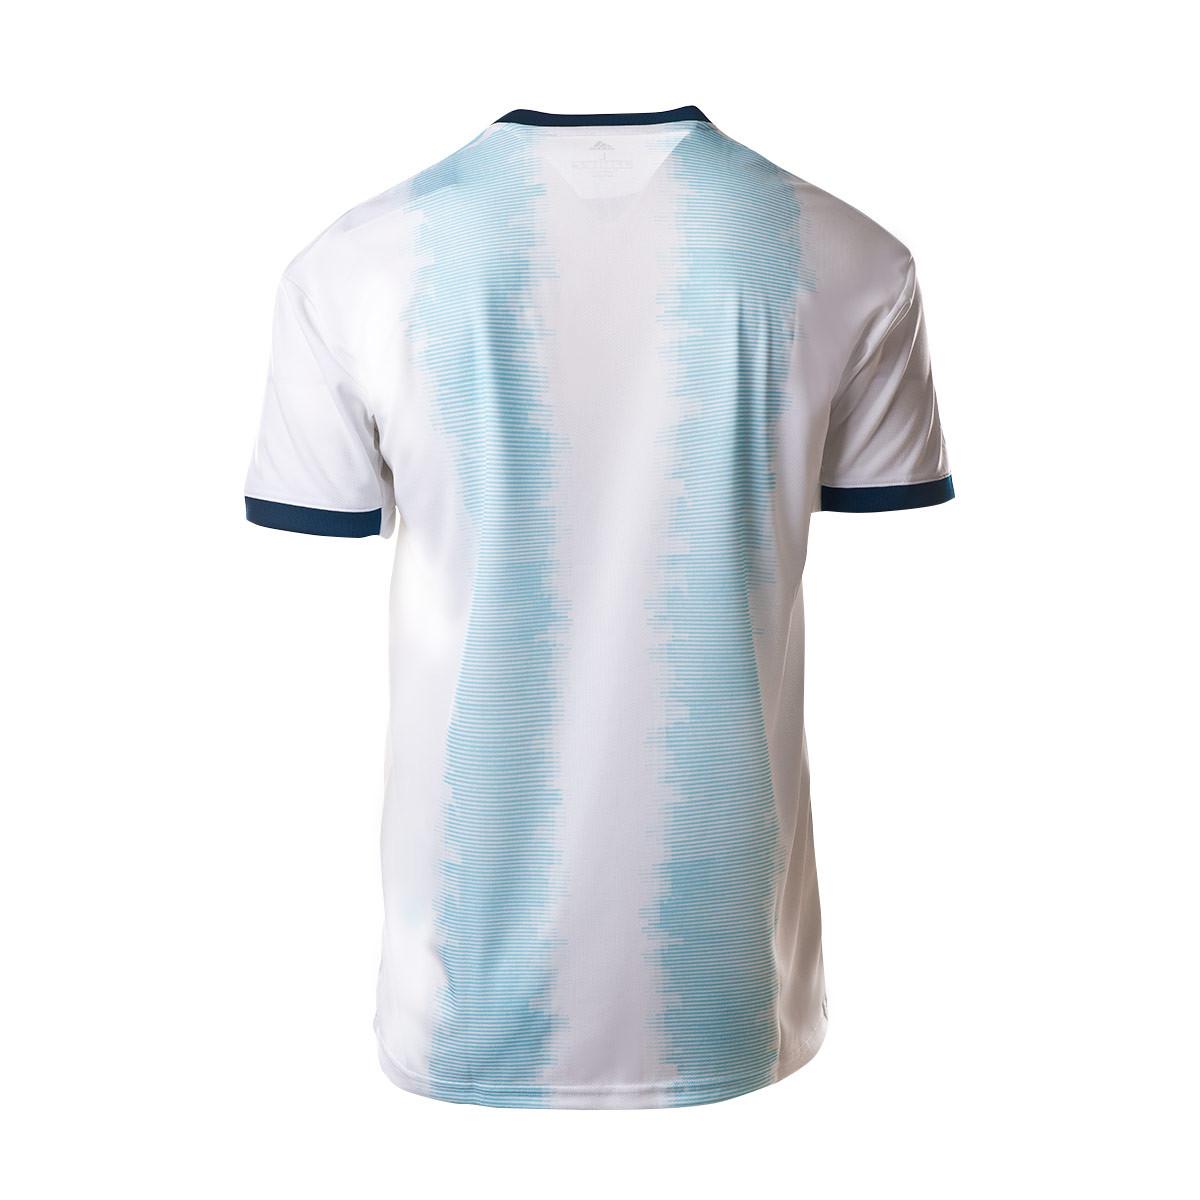 cb66ada3b Jersey adidas Argentina 2019 Home White-Light aqua - Tienda de fútbol  Fútbol Emotion